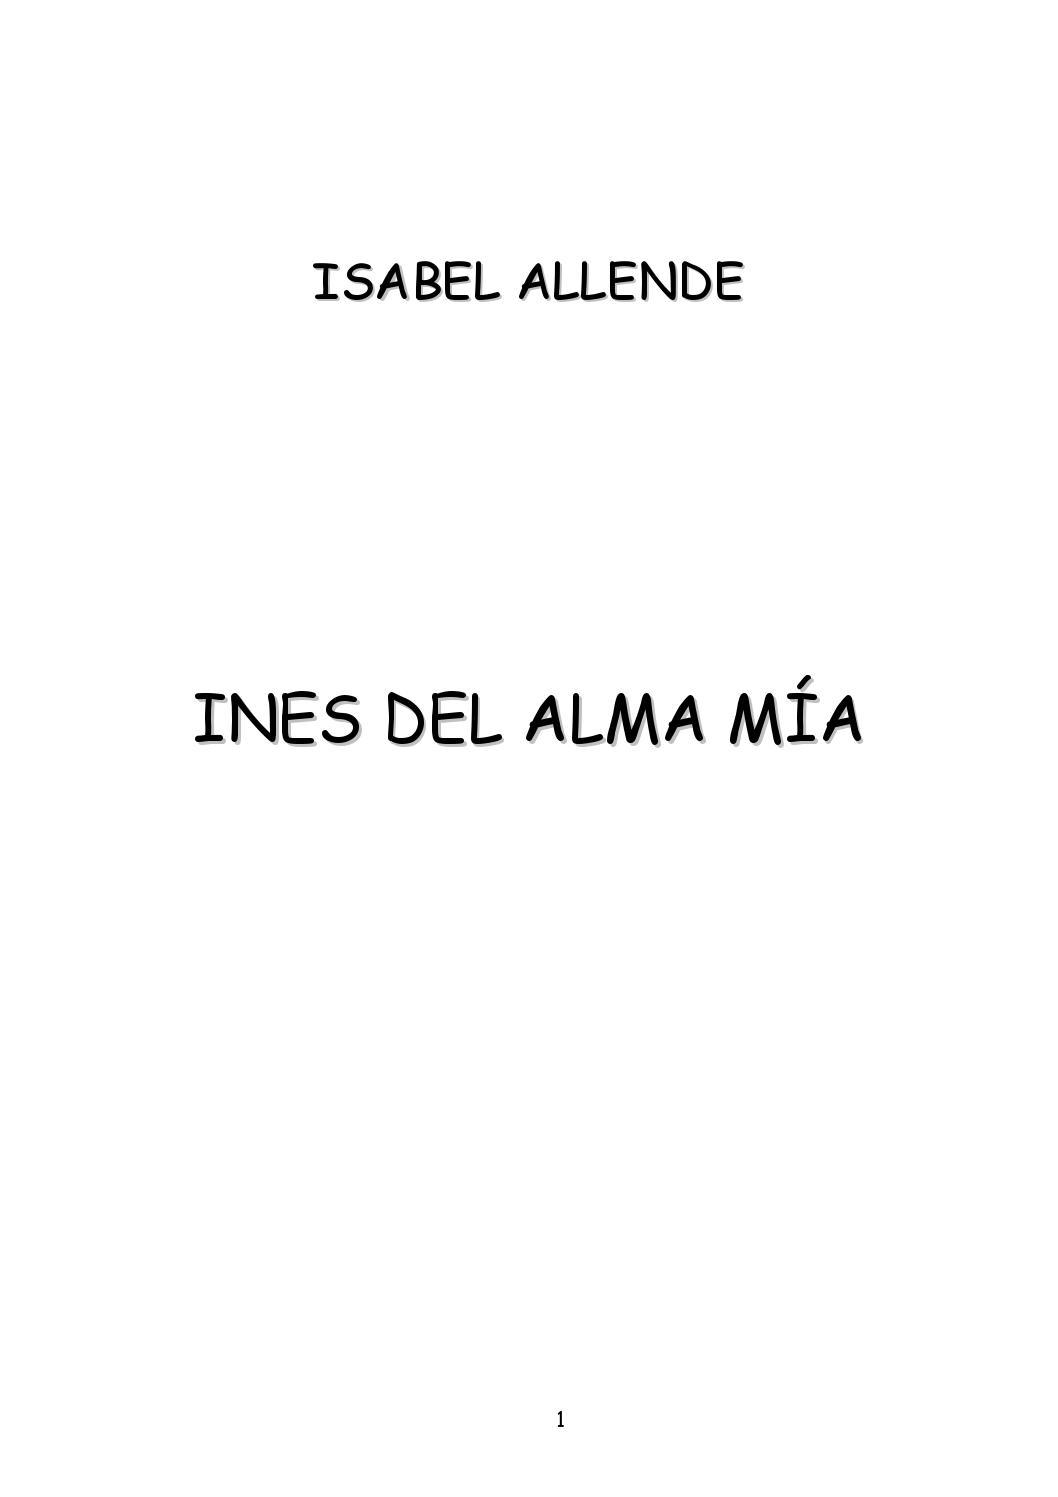 Allende, isabel inés del alma mía by Hernán Garcia Arellano - issuu